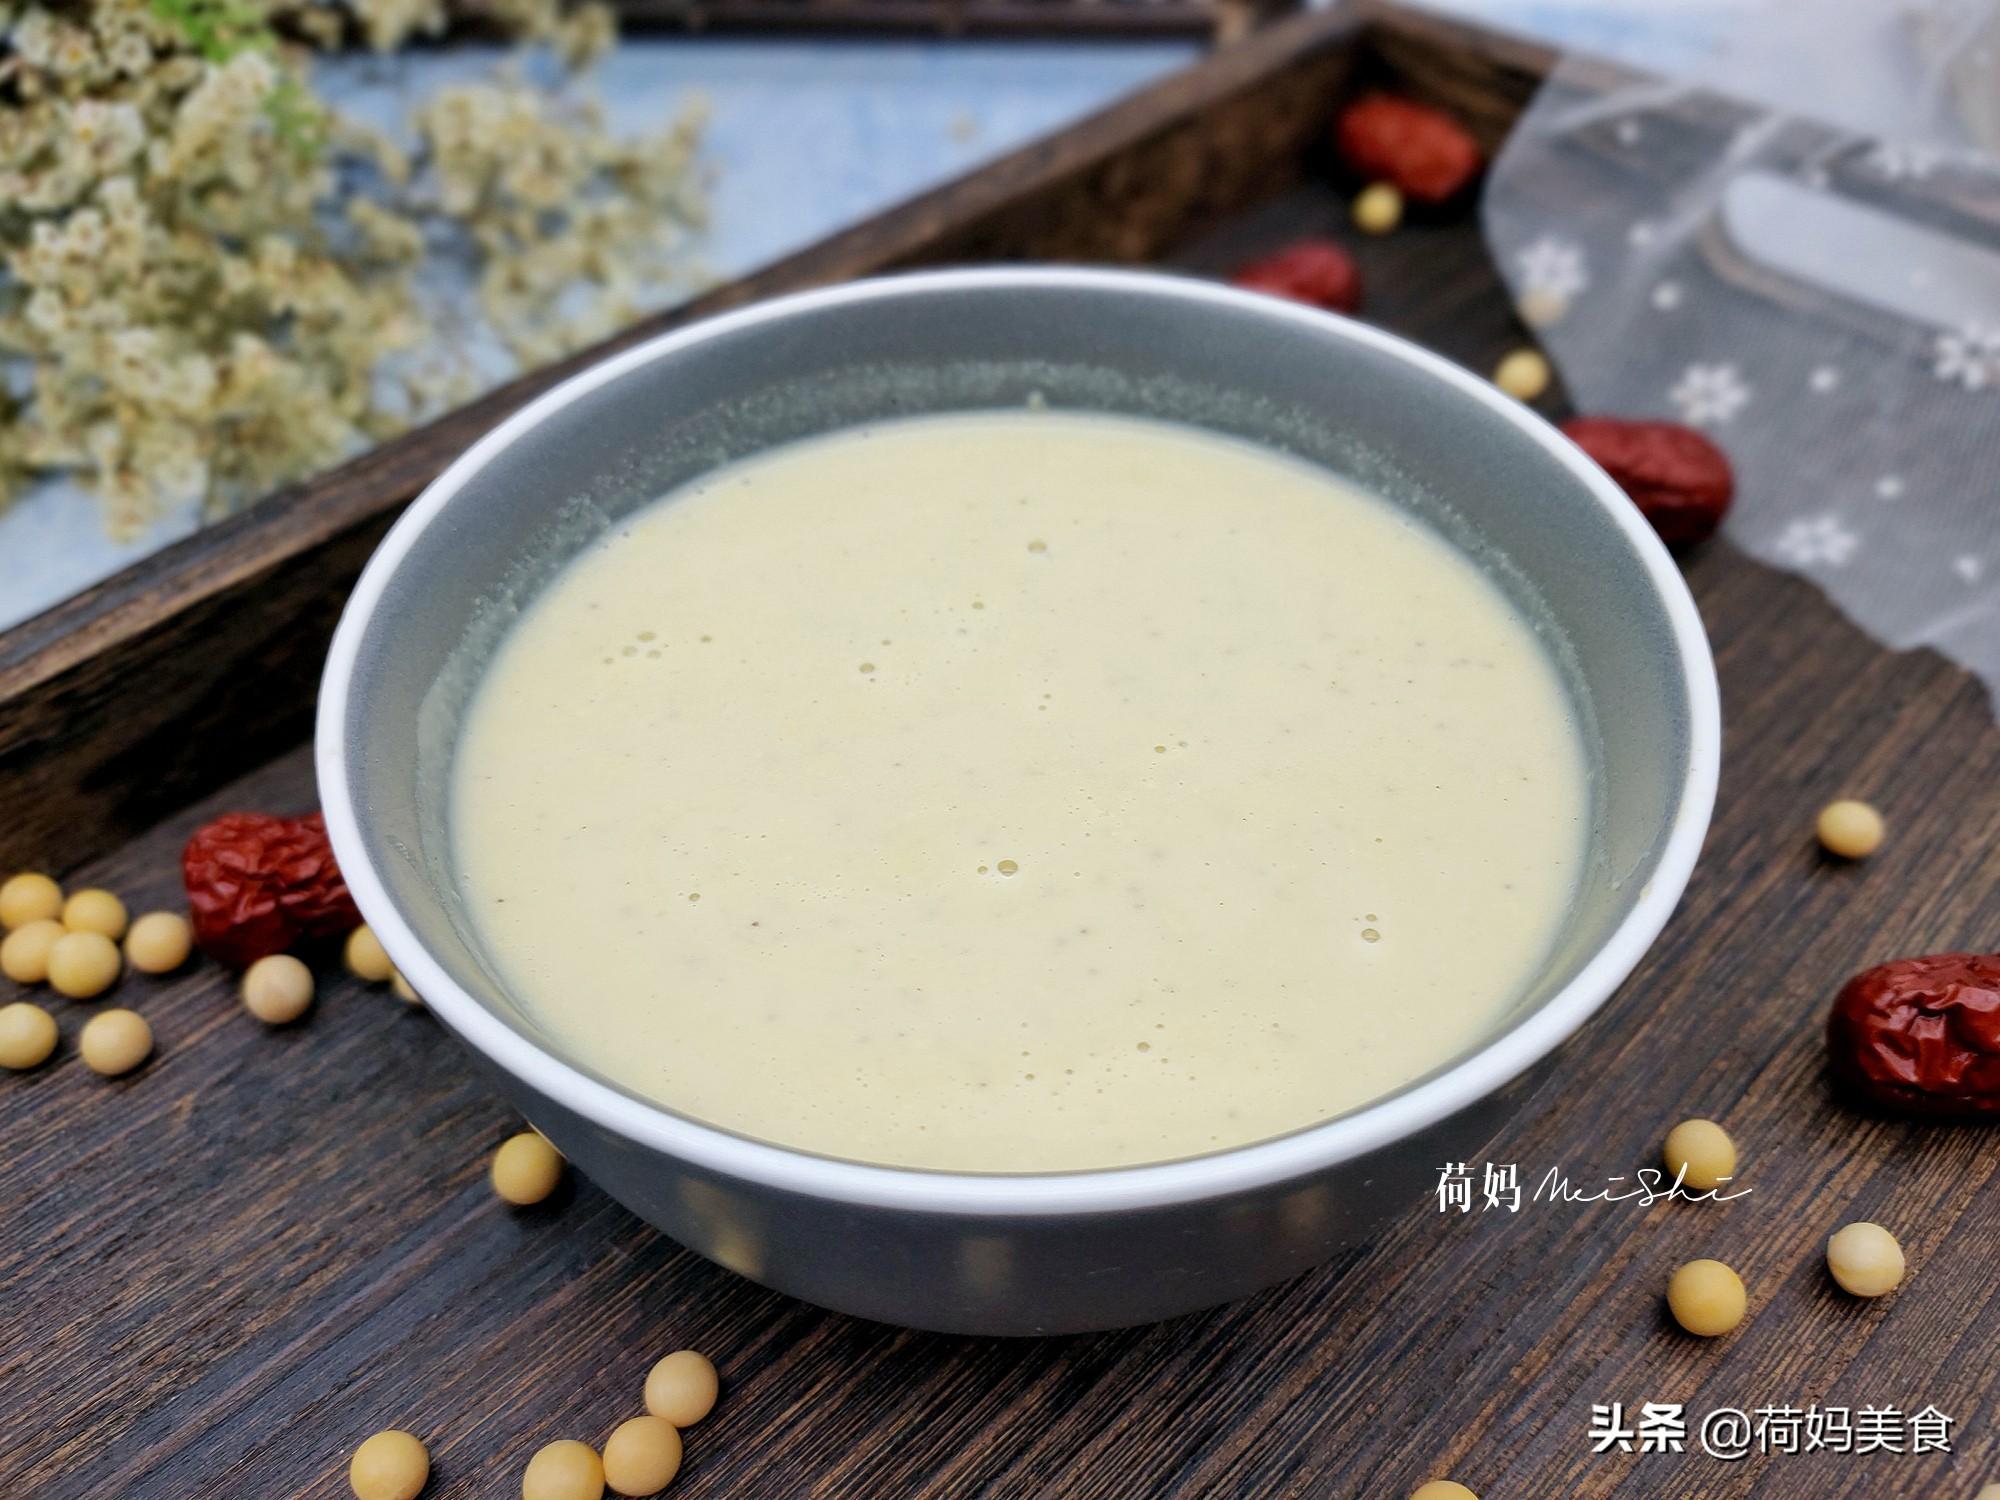 做豆浆别只加黄豆,多加三样食材,香浓细腻营养好,比牛奶还好喝